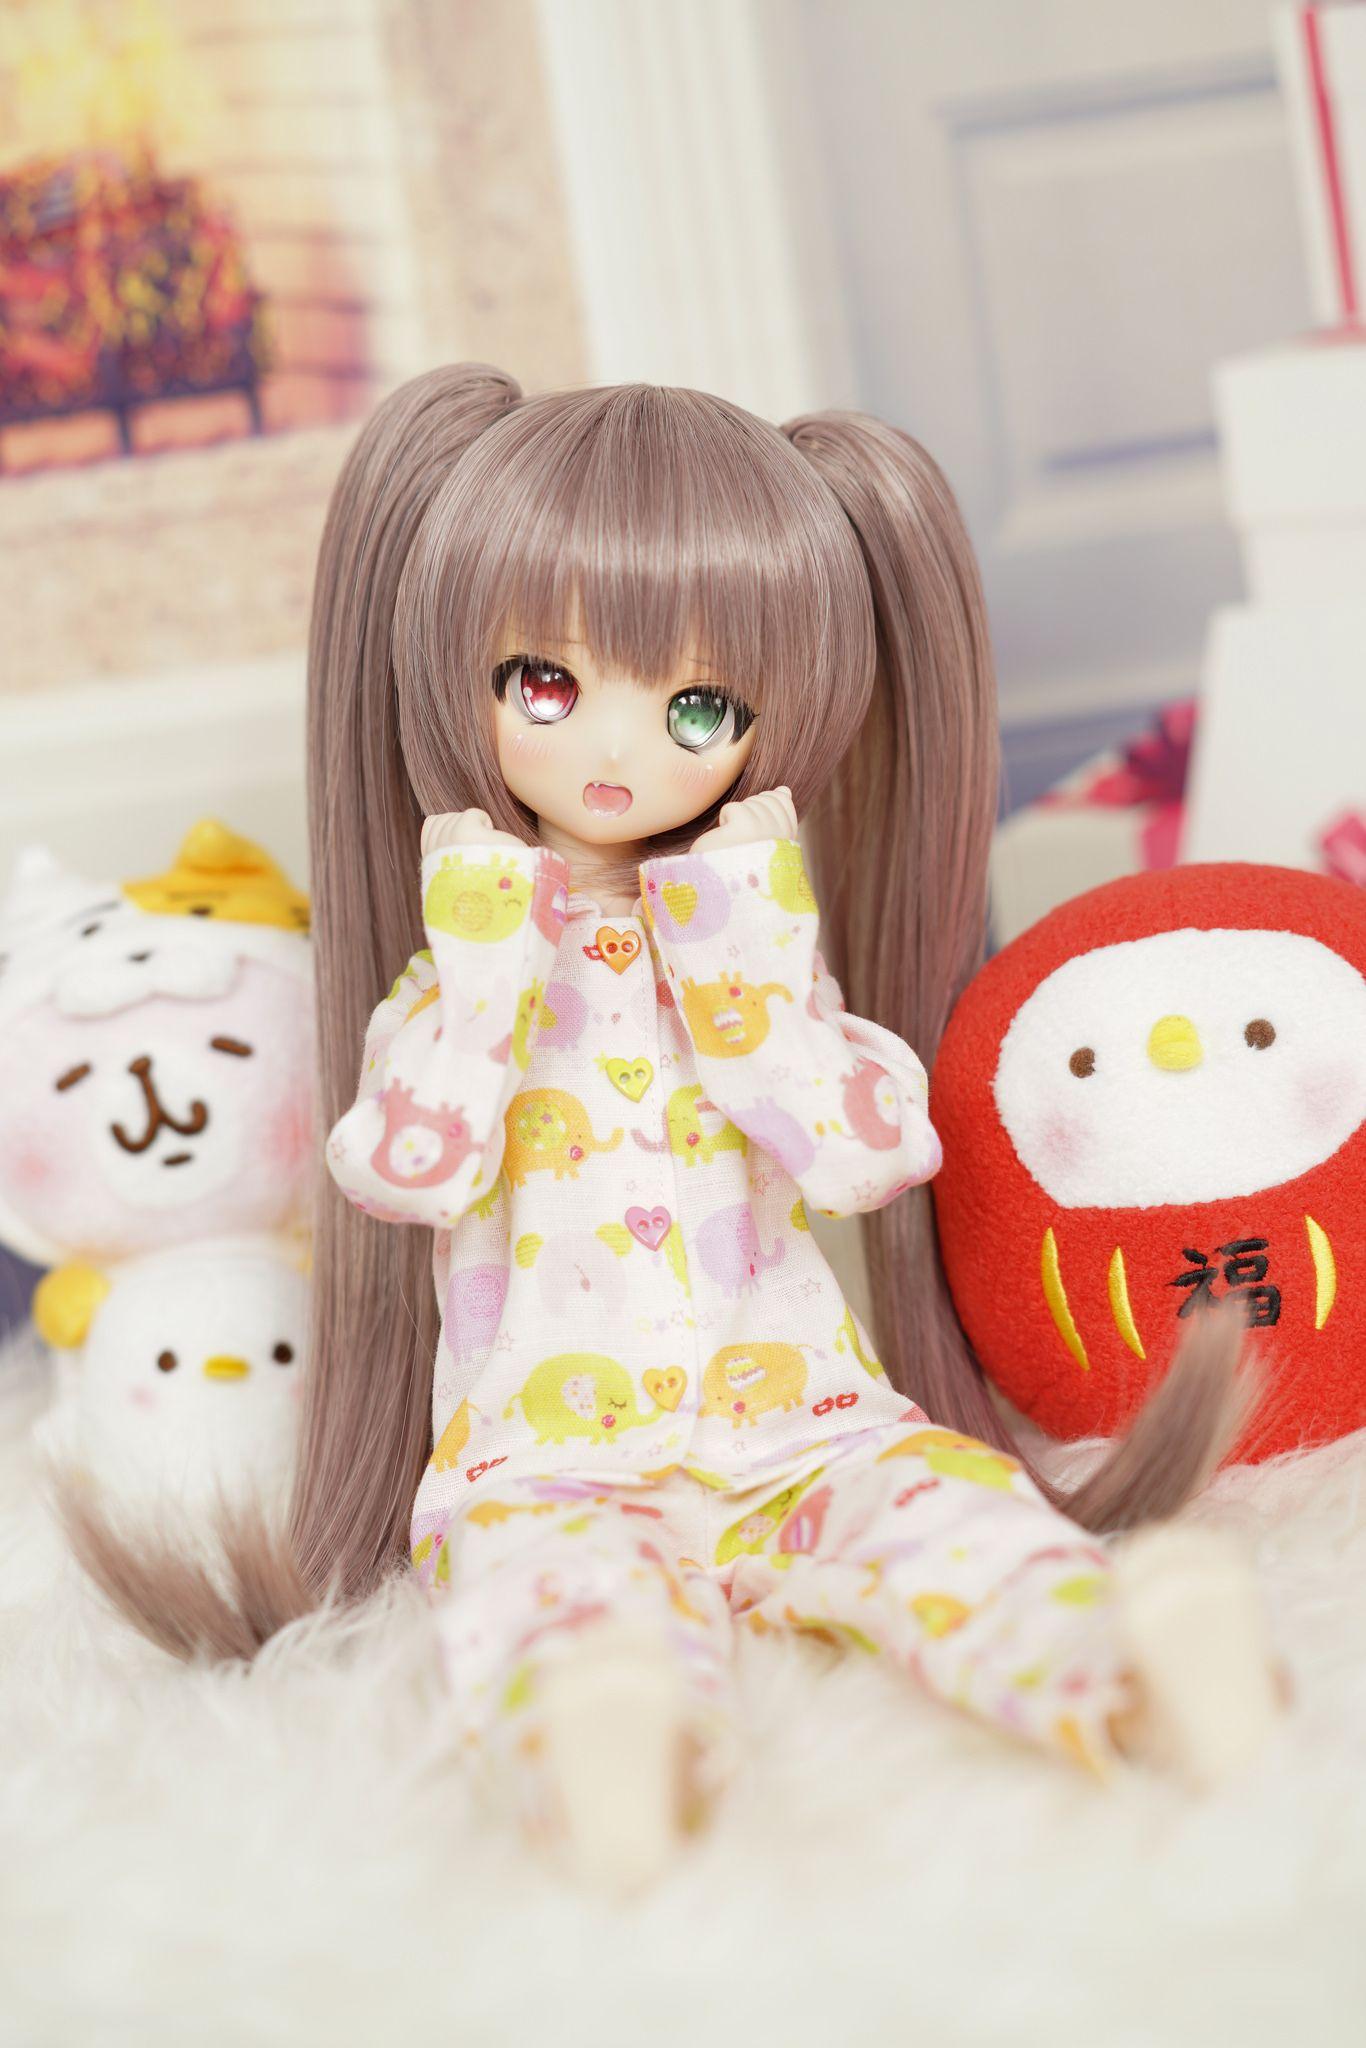 Dsc04447 anime dolls cute dolls dolls